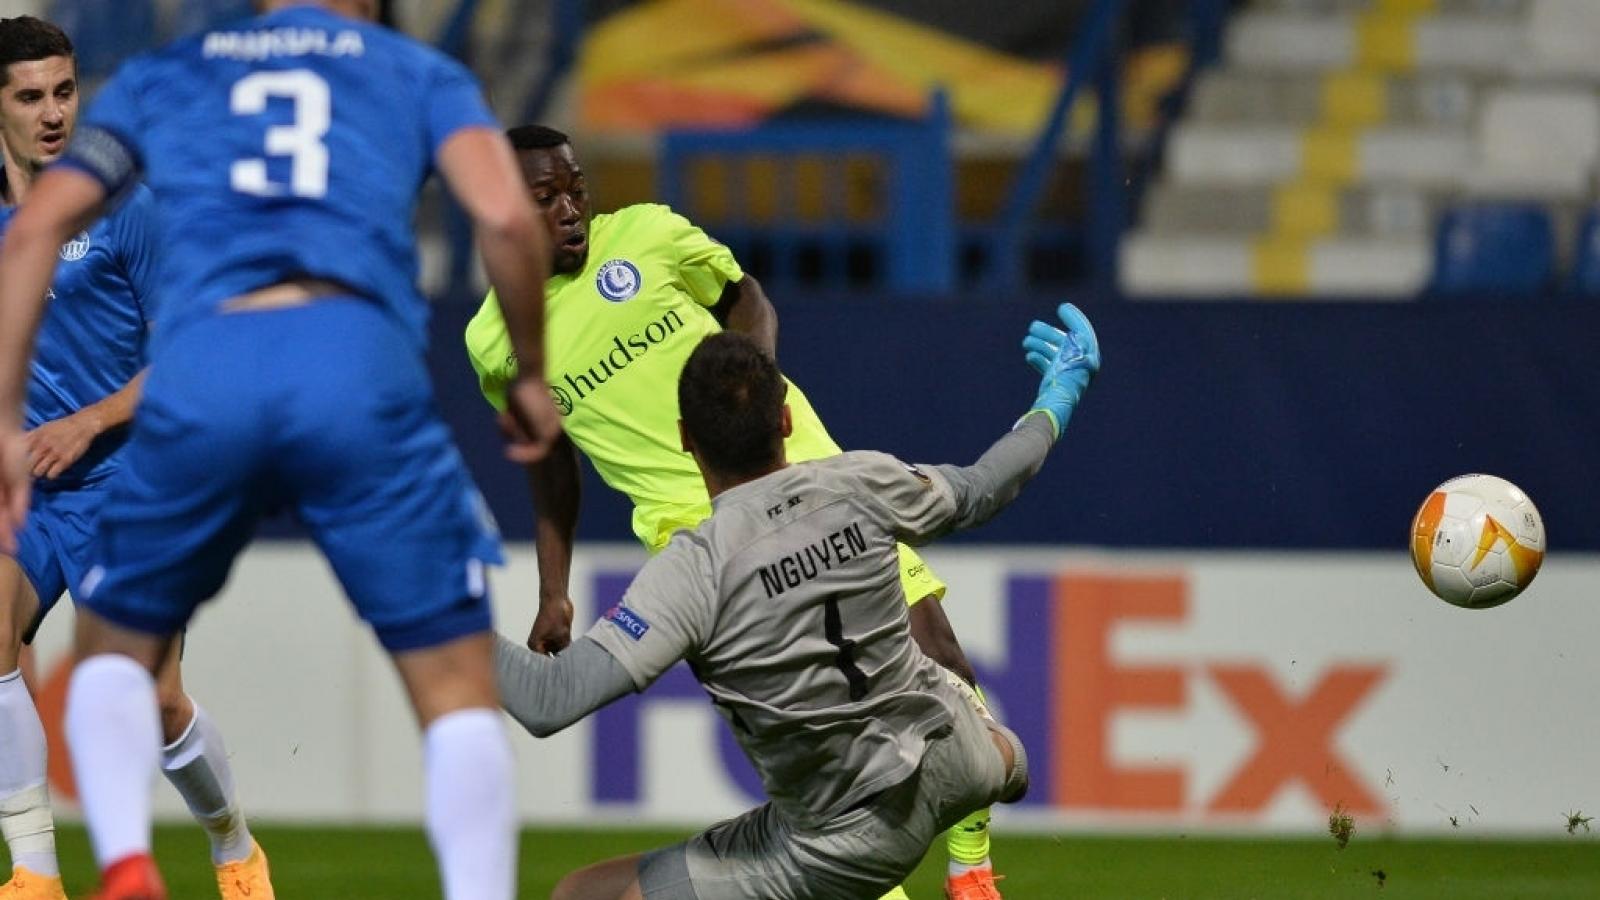 Nhìn lại màn trình diễn đỉnh cao của Filip Nguyễn ở vòng bảng Europa League